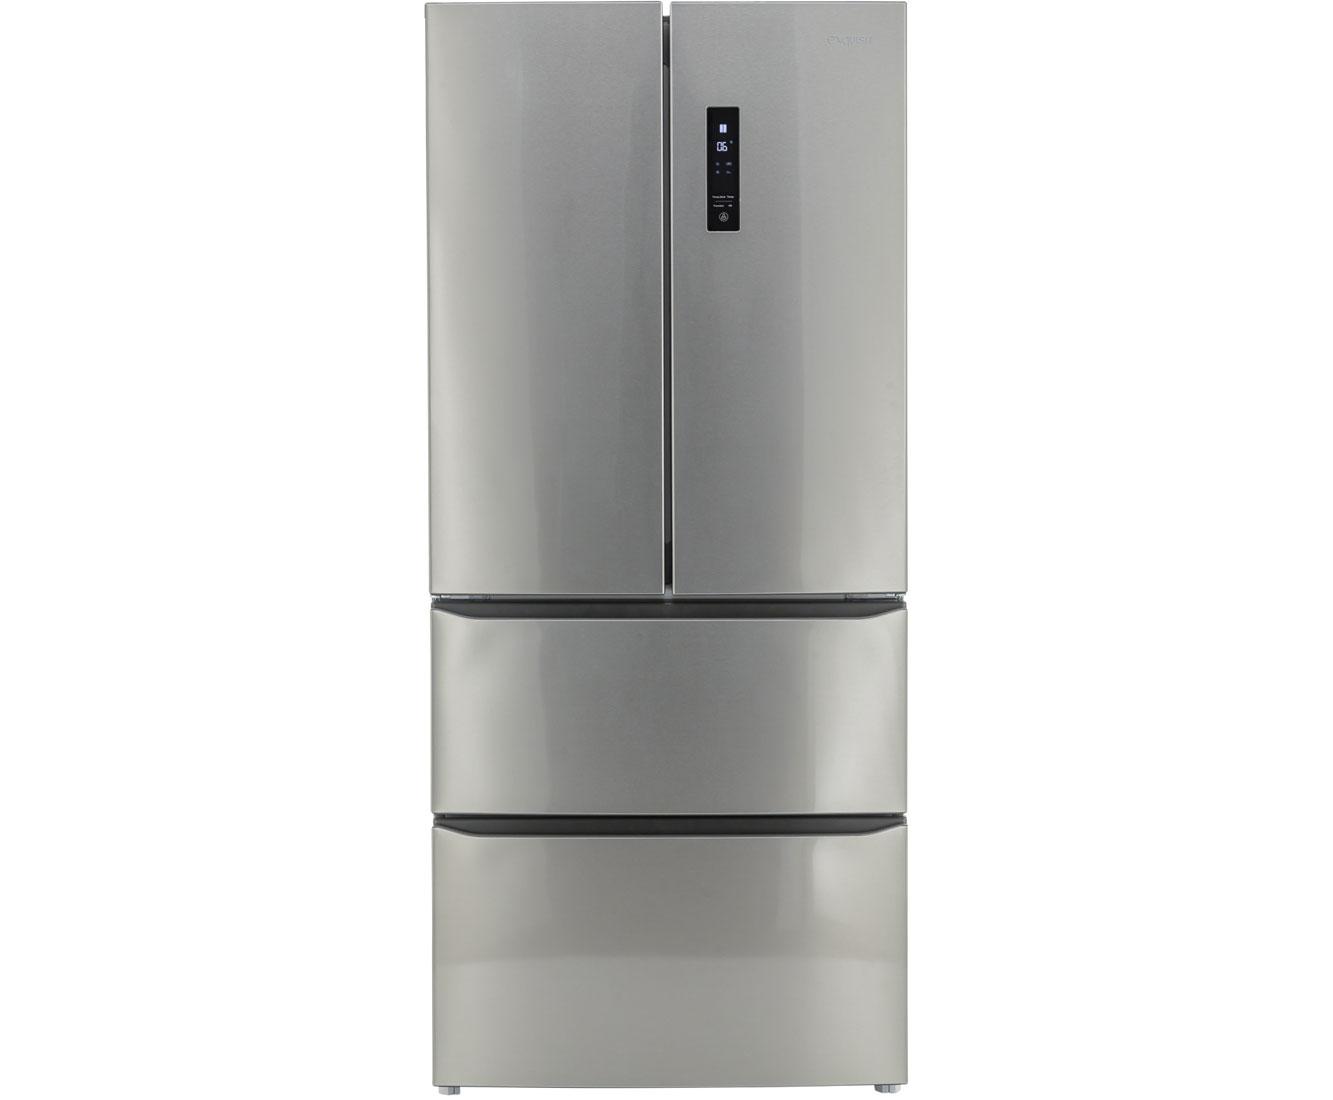 Bomann Kühlschrank Unterbaufähig : Kühlschrank 130 cm minikche 150 breit awesome respekta kchenzeile mit